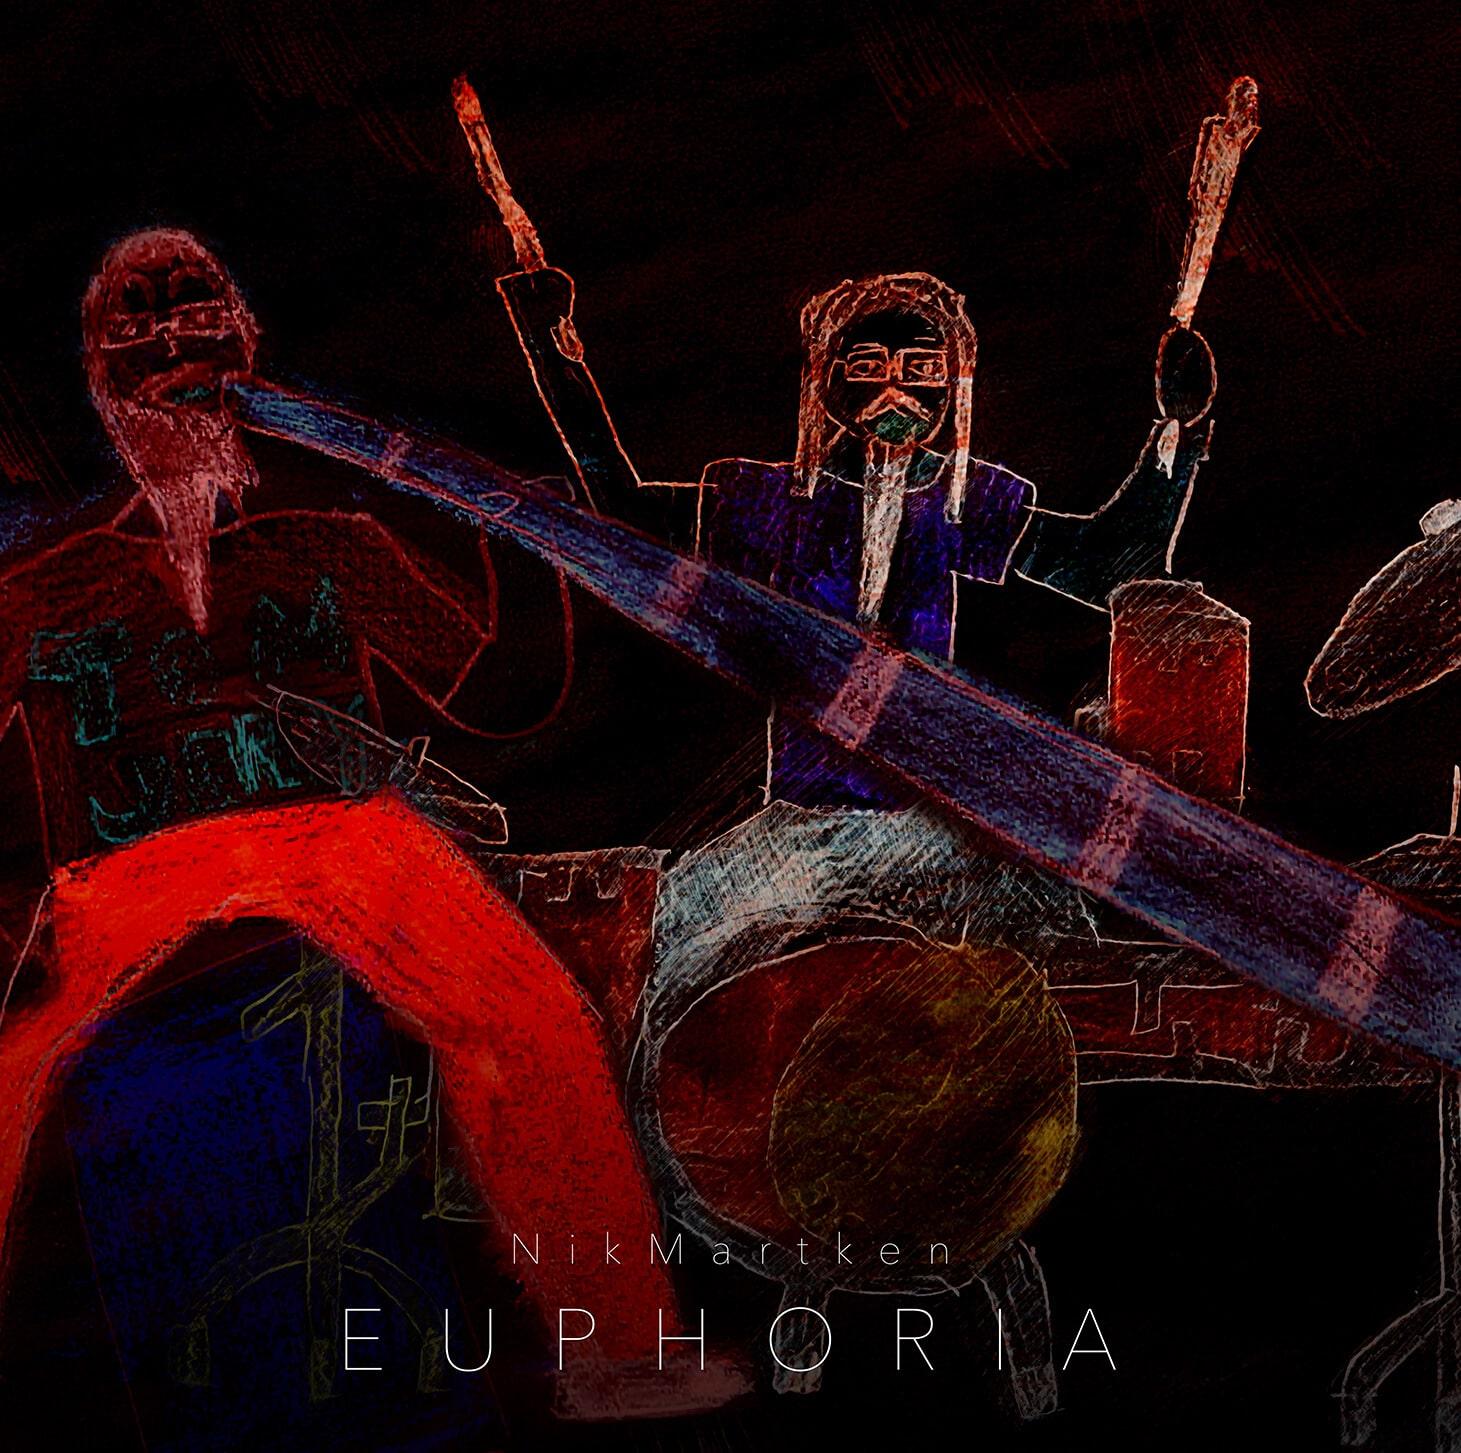 NikMartken - Euphoria (Single)